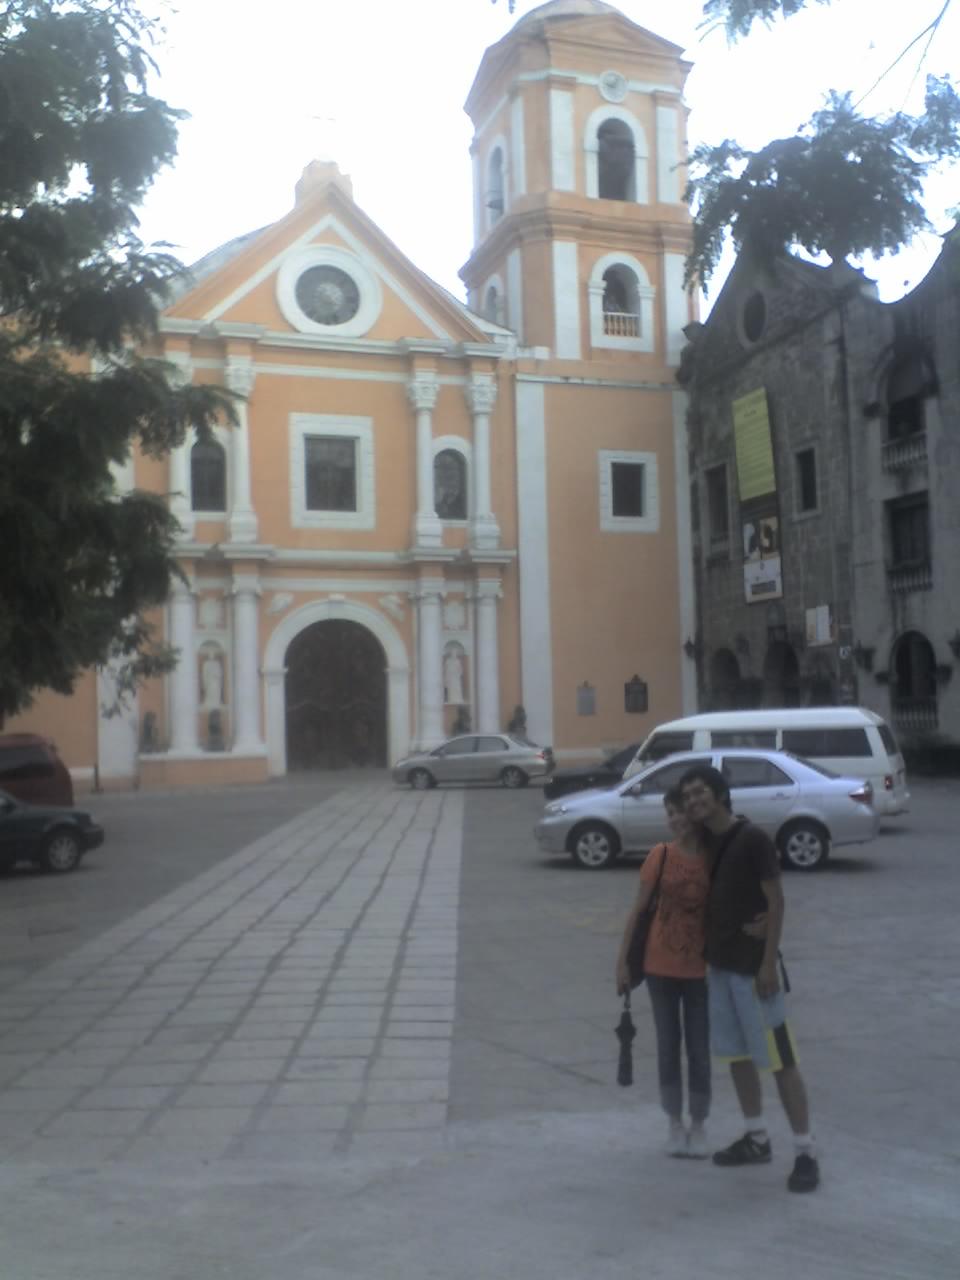 SAN AGUSTÍN CHURCH AND CONVENT